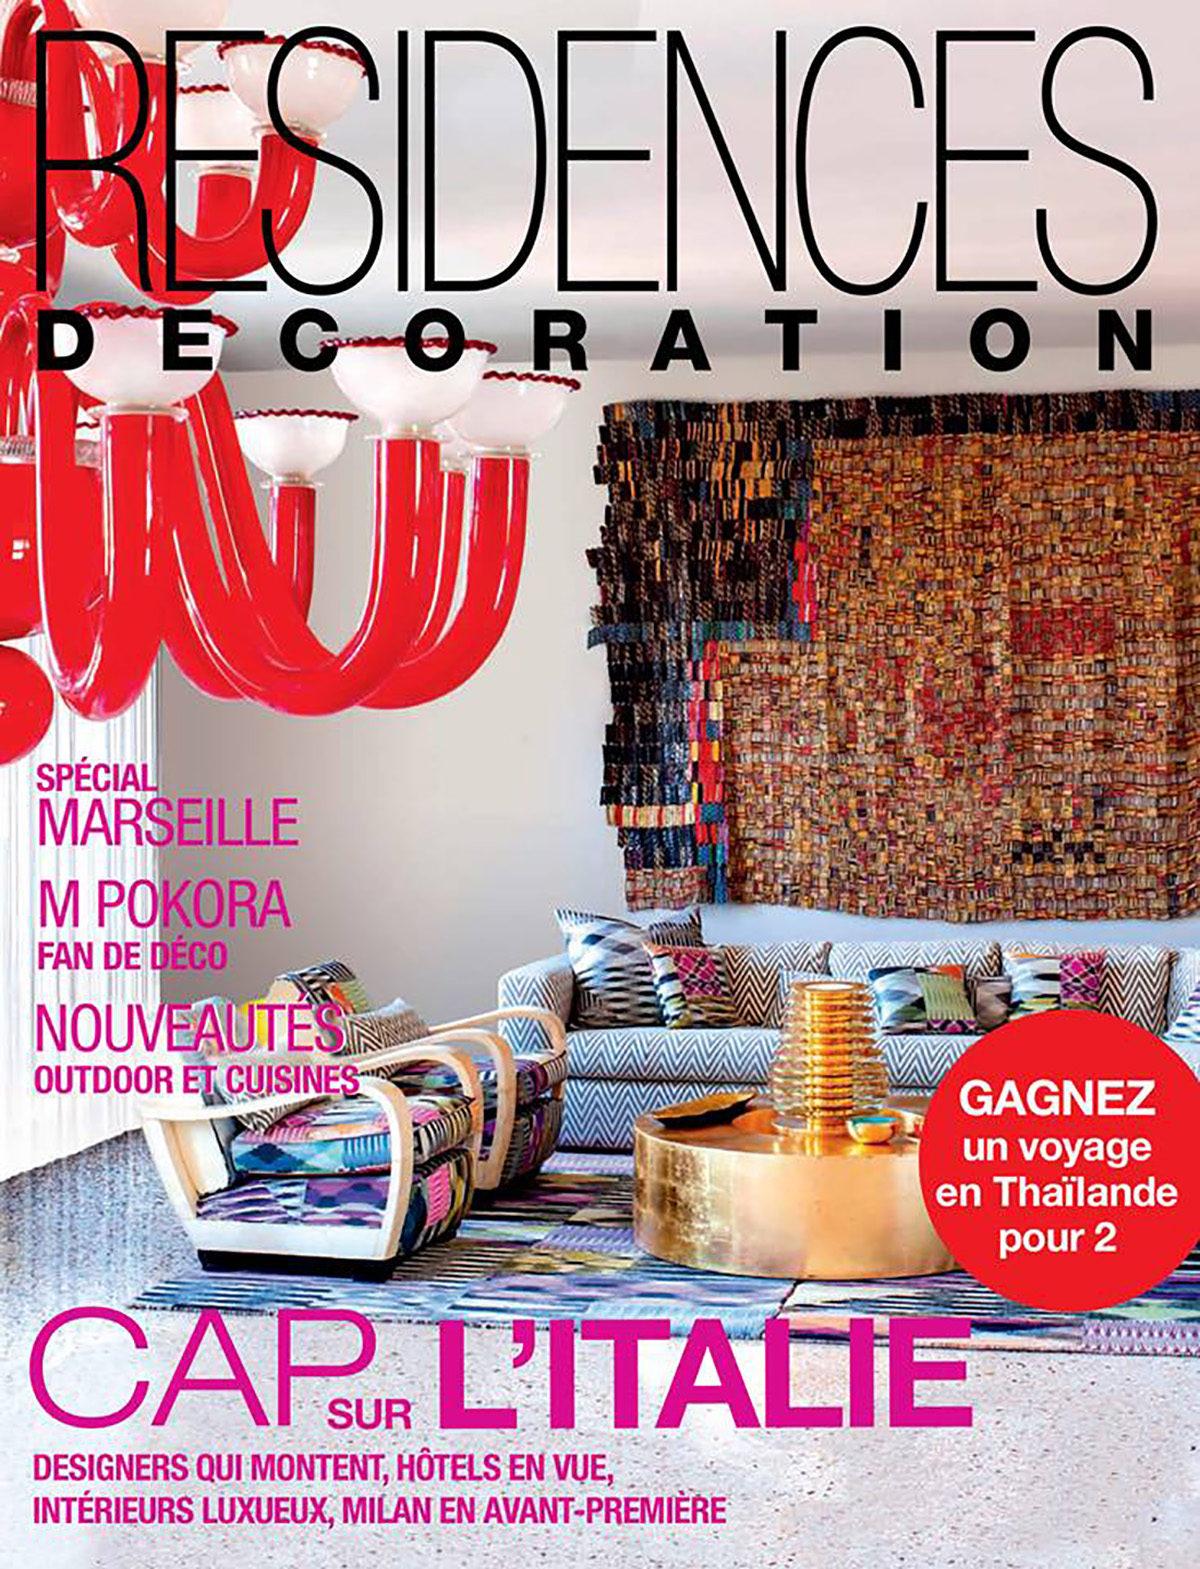 Parution presse RÉSIDENCES DÉCORATION 2015 Claude Cartier décoration architecte d'intérieur à Lyon.